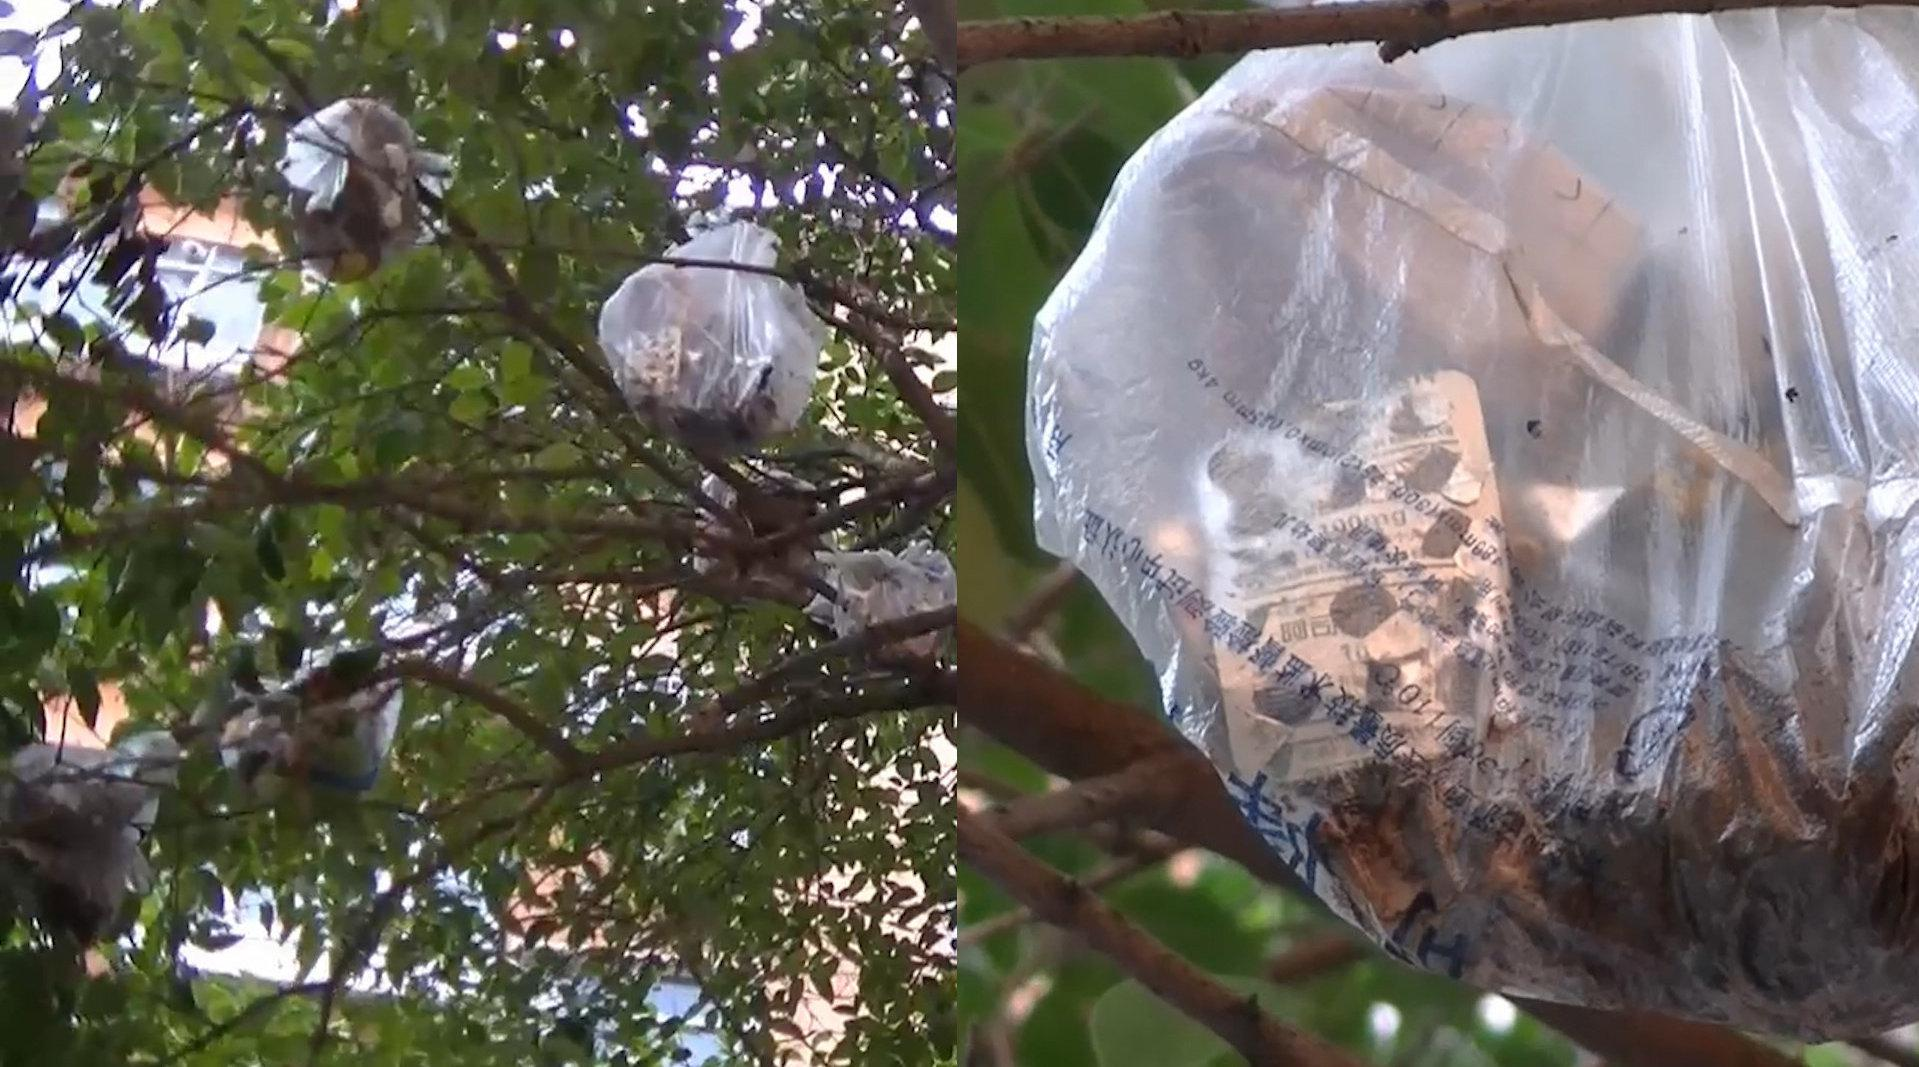 小区绿化树上挂满垃圾袋  一楼住户:都是楼上图省事扔的